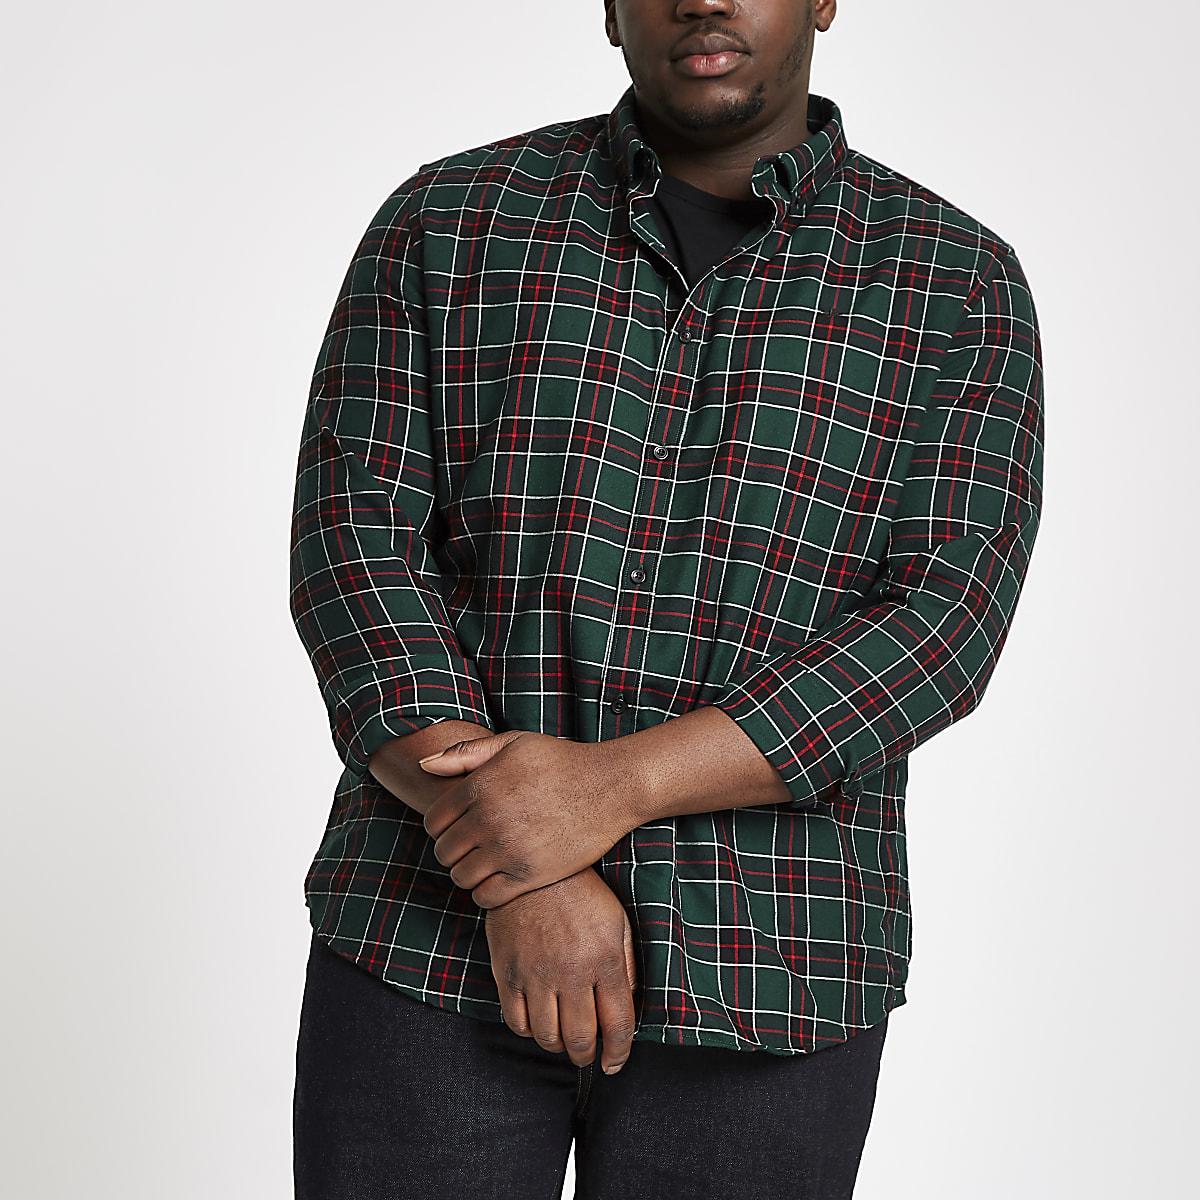 Groen Geruit Overhemd.Big And Tall Groen Geruit Overhemd Met Knopen Overhemden Met